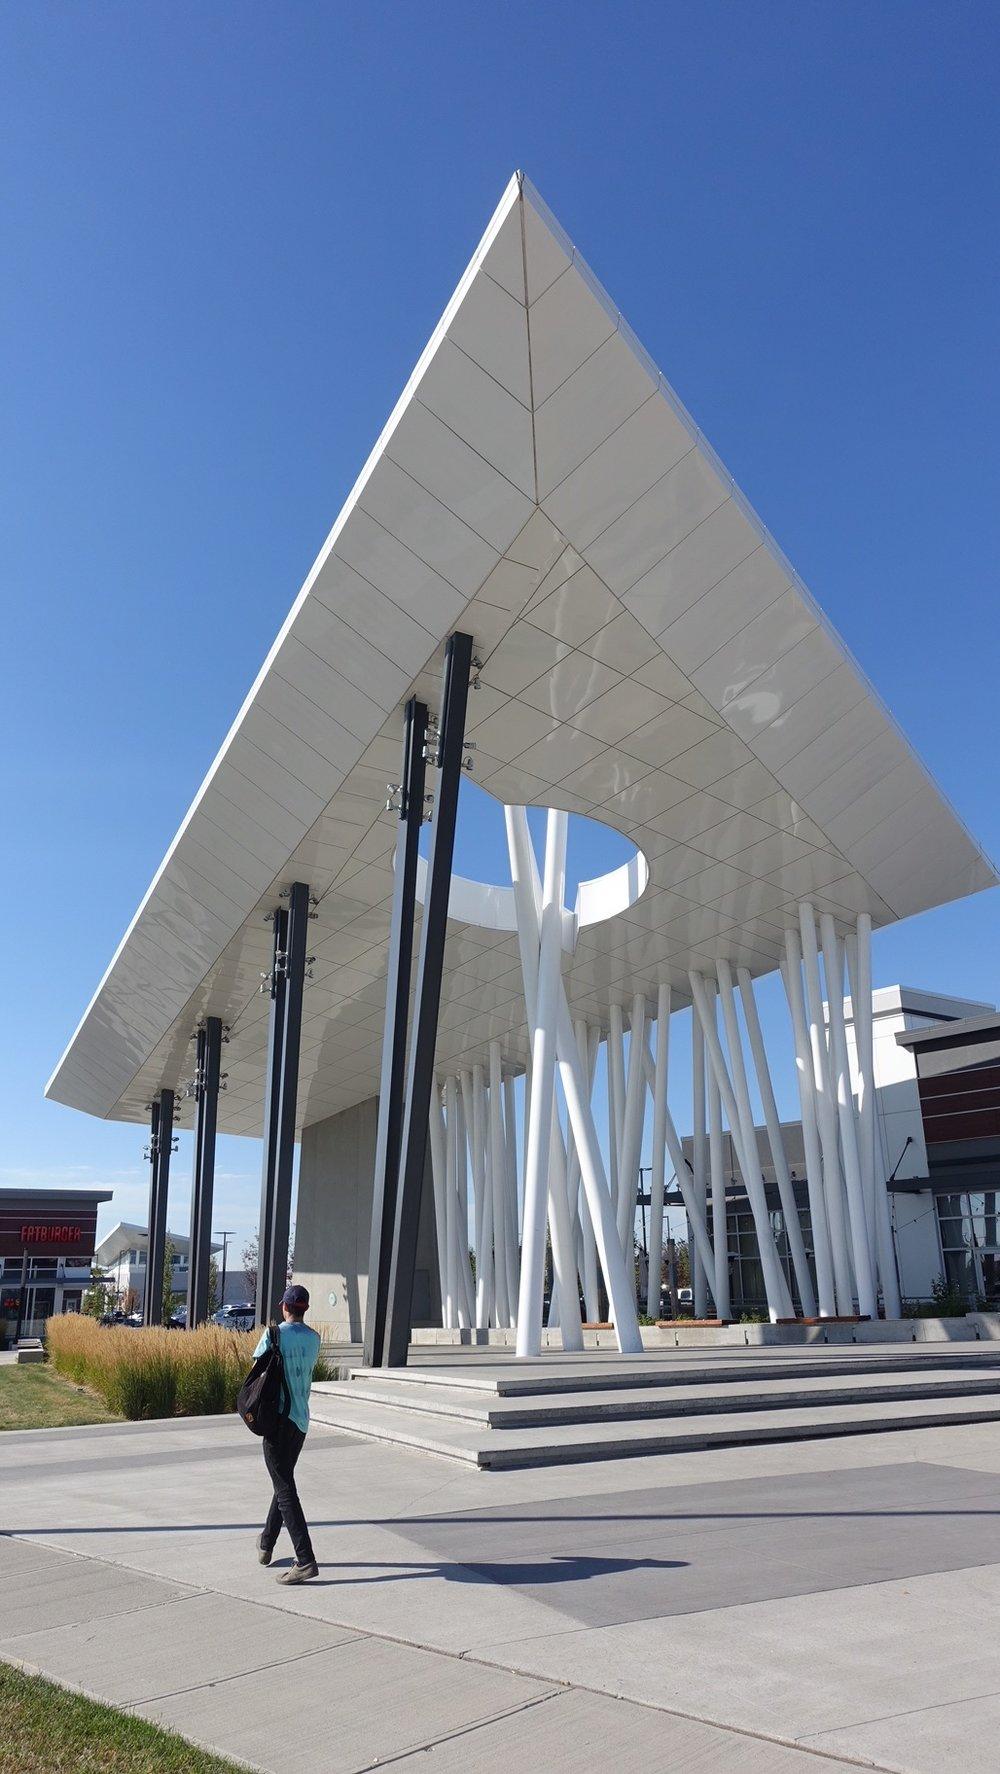 Legs & Pillars, Calgary